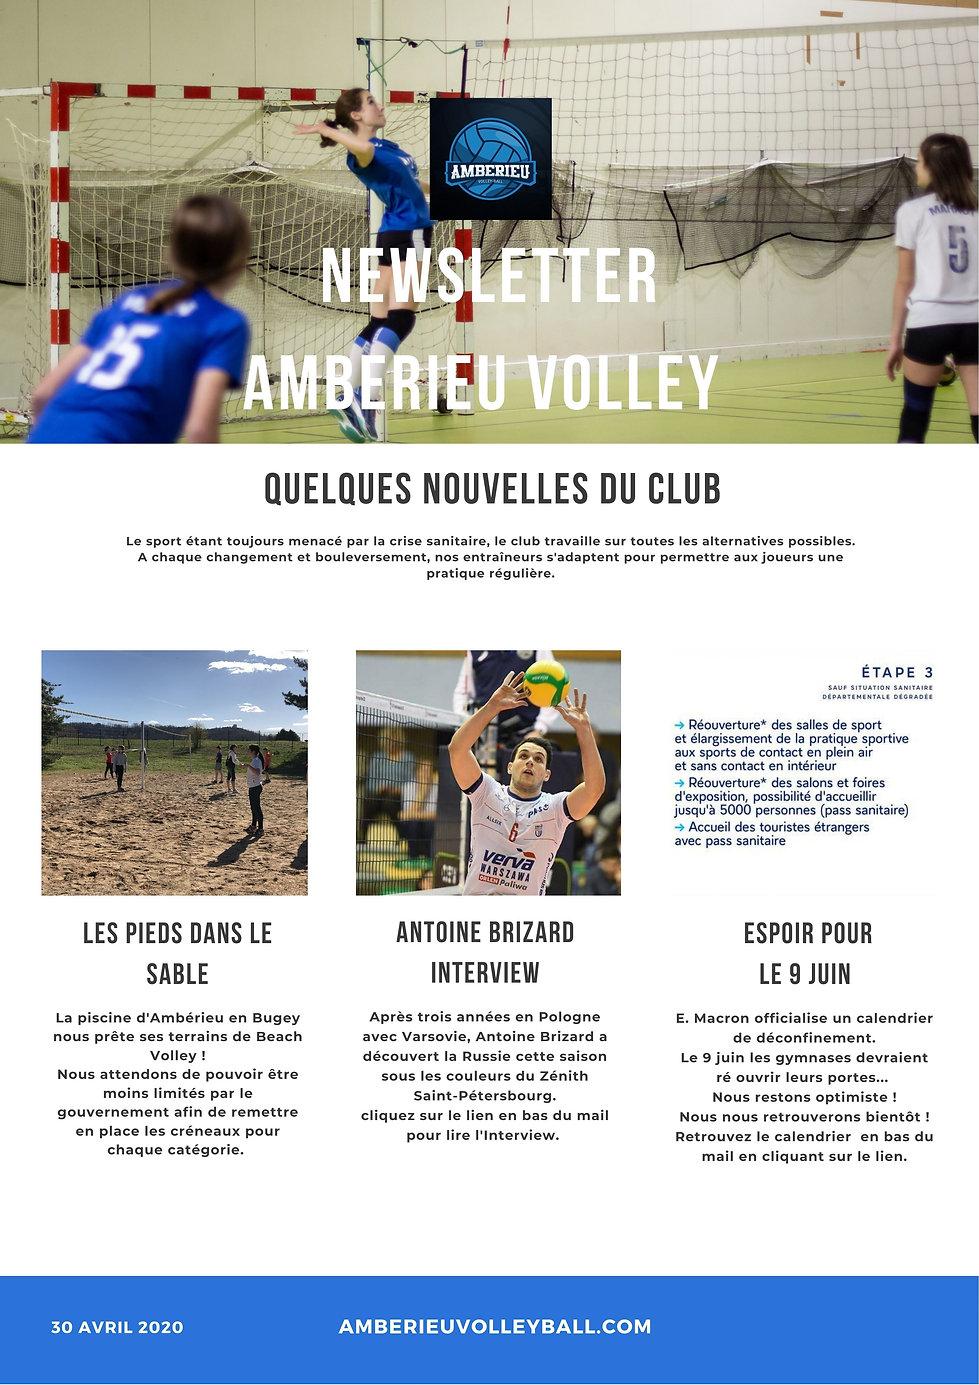 newsletter 2 AVB.jpg